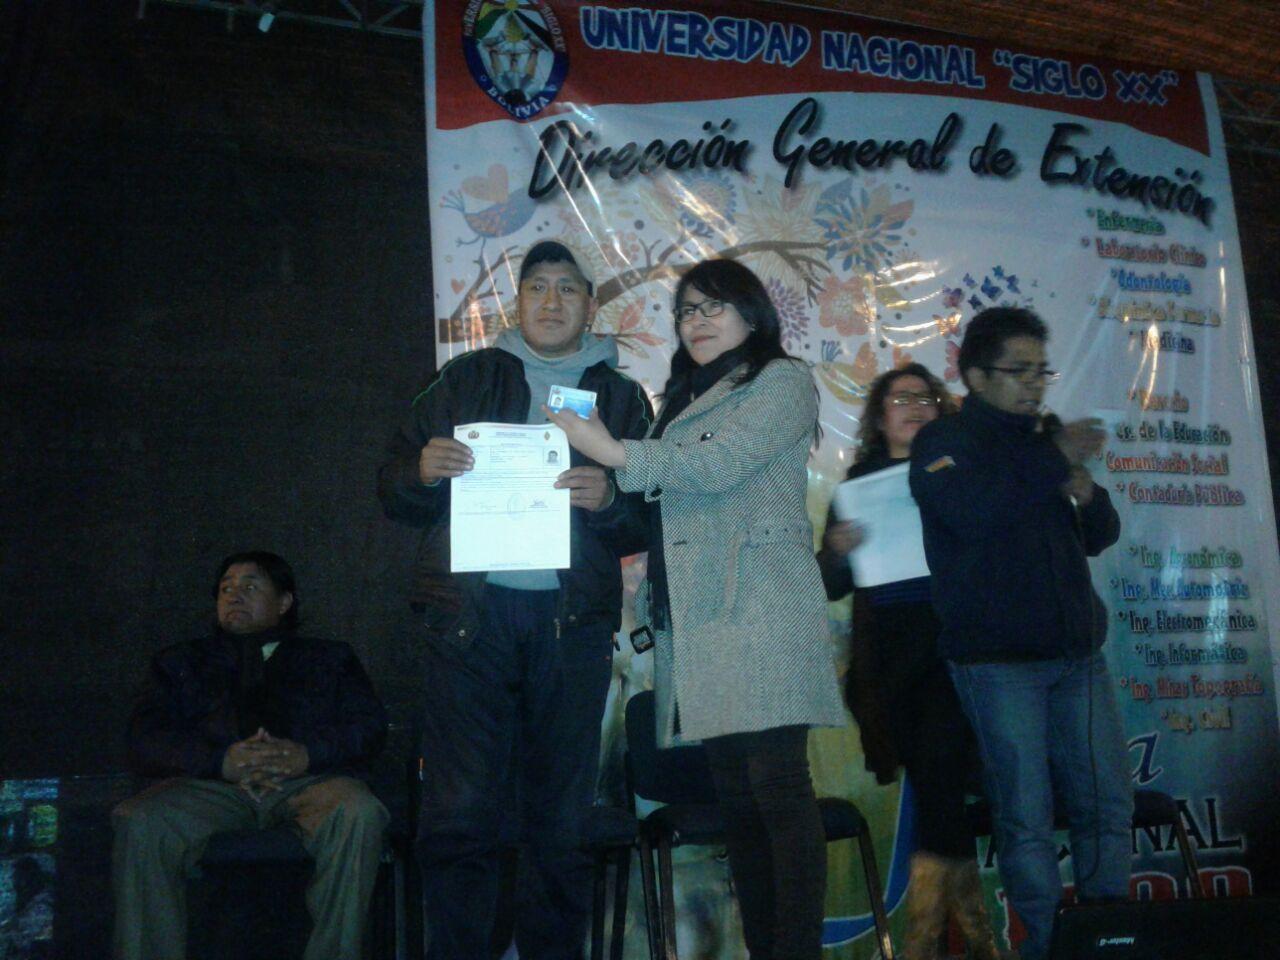 El municipio minero trata de rescatar valores culturales y aportes a la literatura